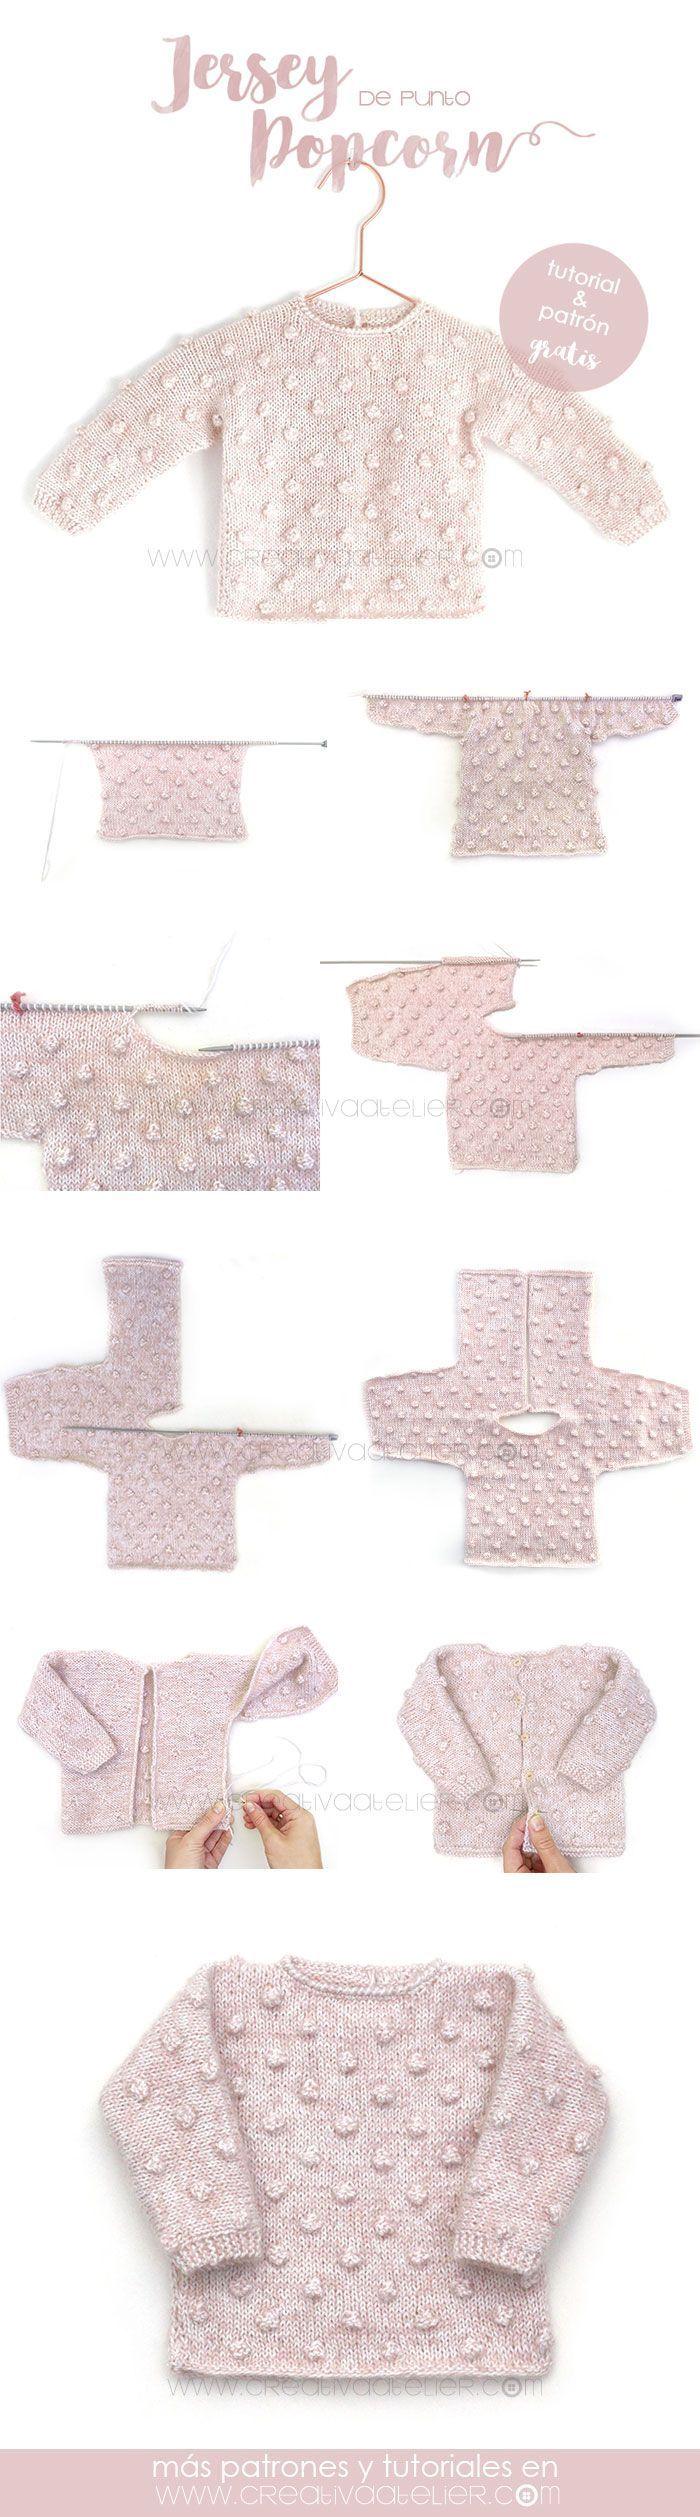 Jersey de Punto POPCORN para Bebé - [ Tutorial y patrón ]   Pullover ...